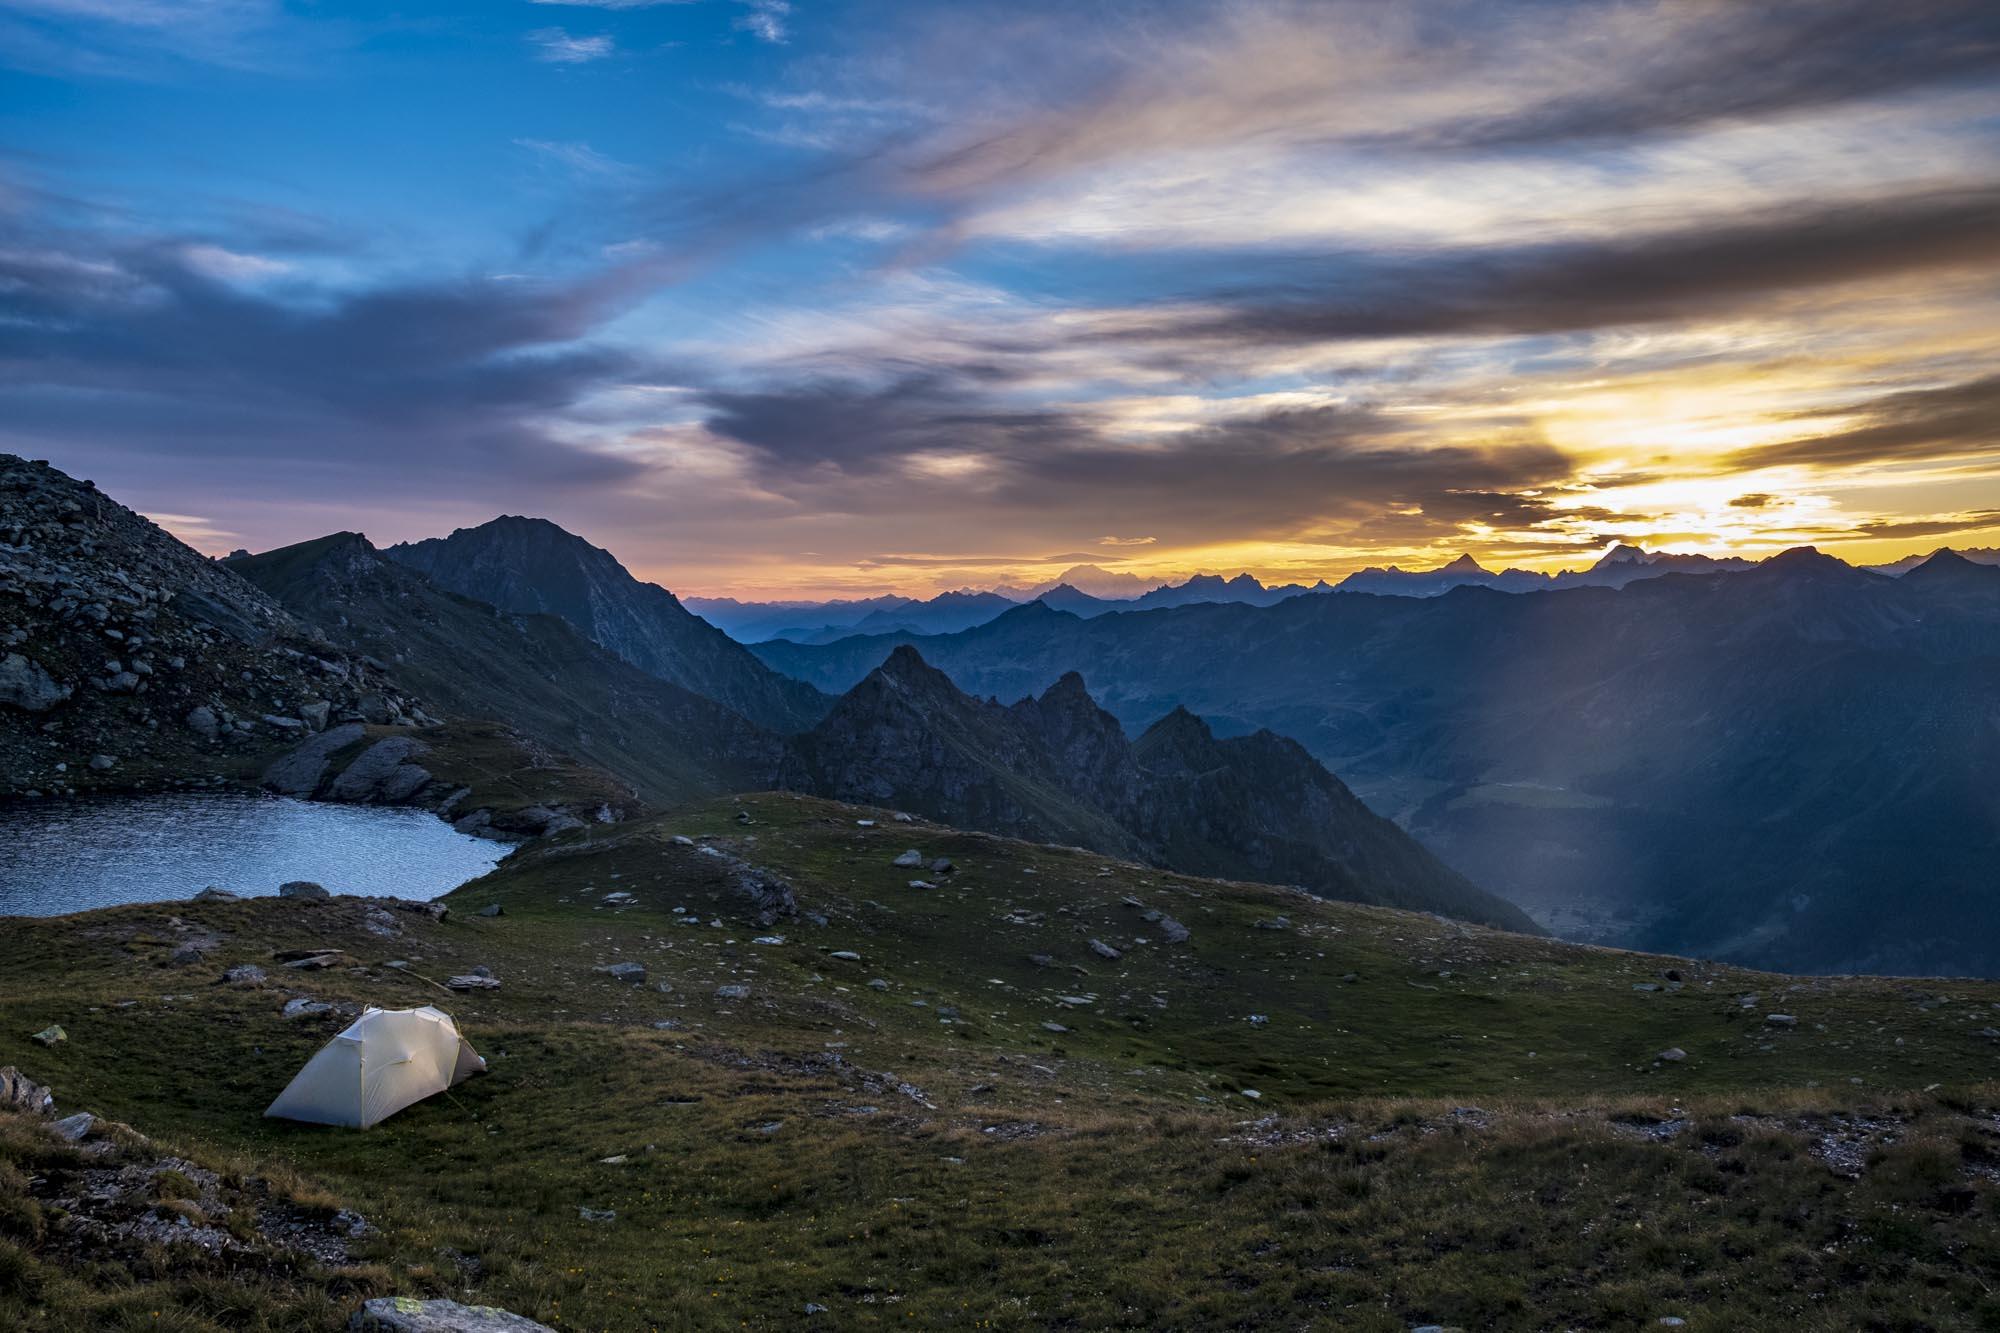 alta via 1 valle d'aosta tenda lac pinter